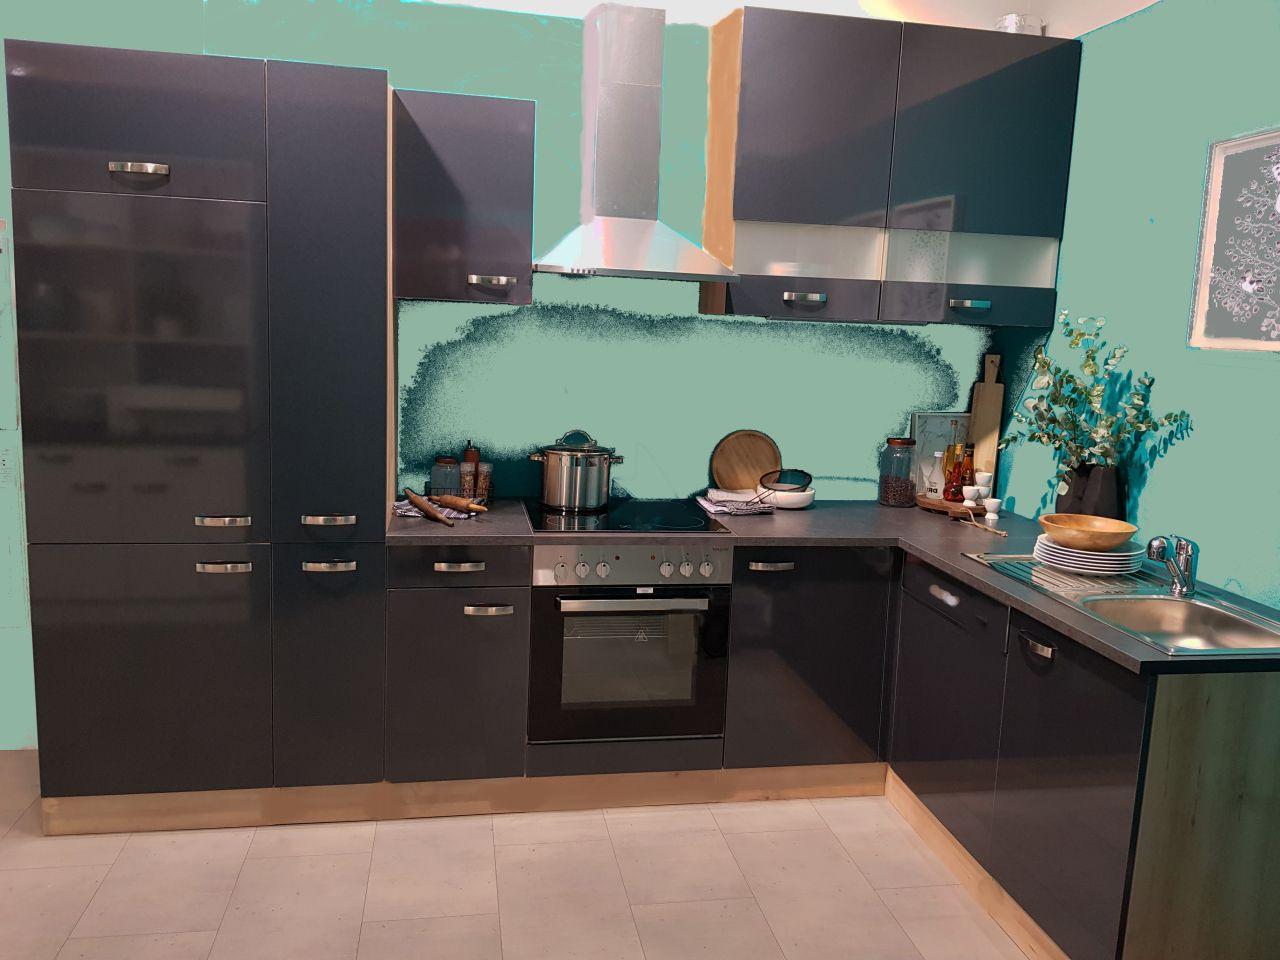 Einbauküchen - Einbauküche MANKALINUS 1 Glanz Anthrazit Kastelleiche Küchen Eckzeile 300x175...  - Onlineshop Manka Möbel